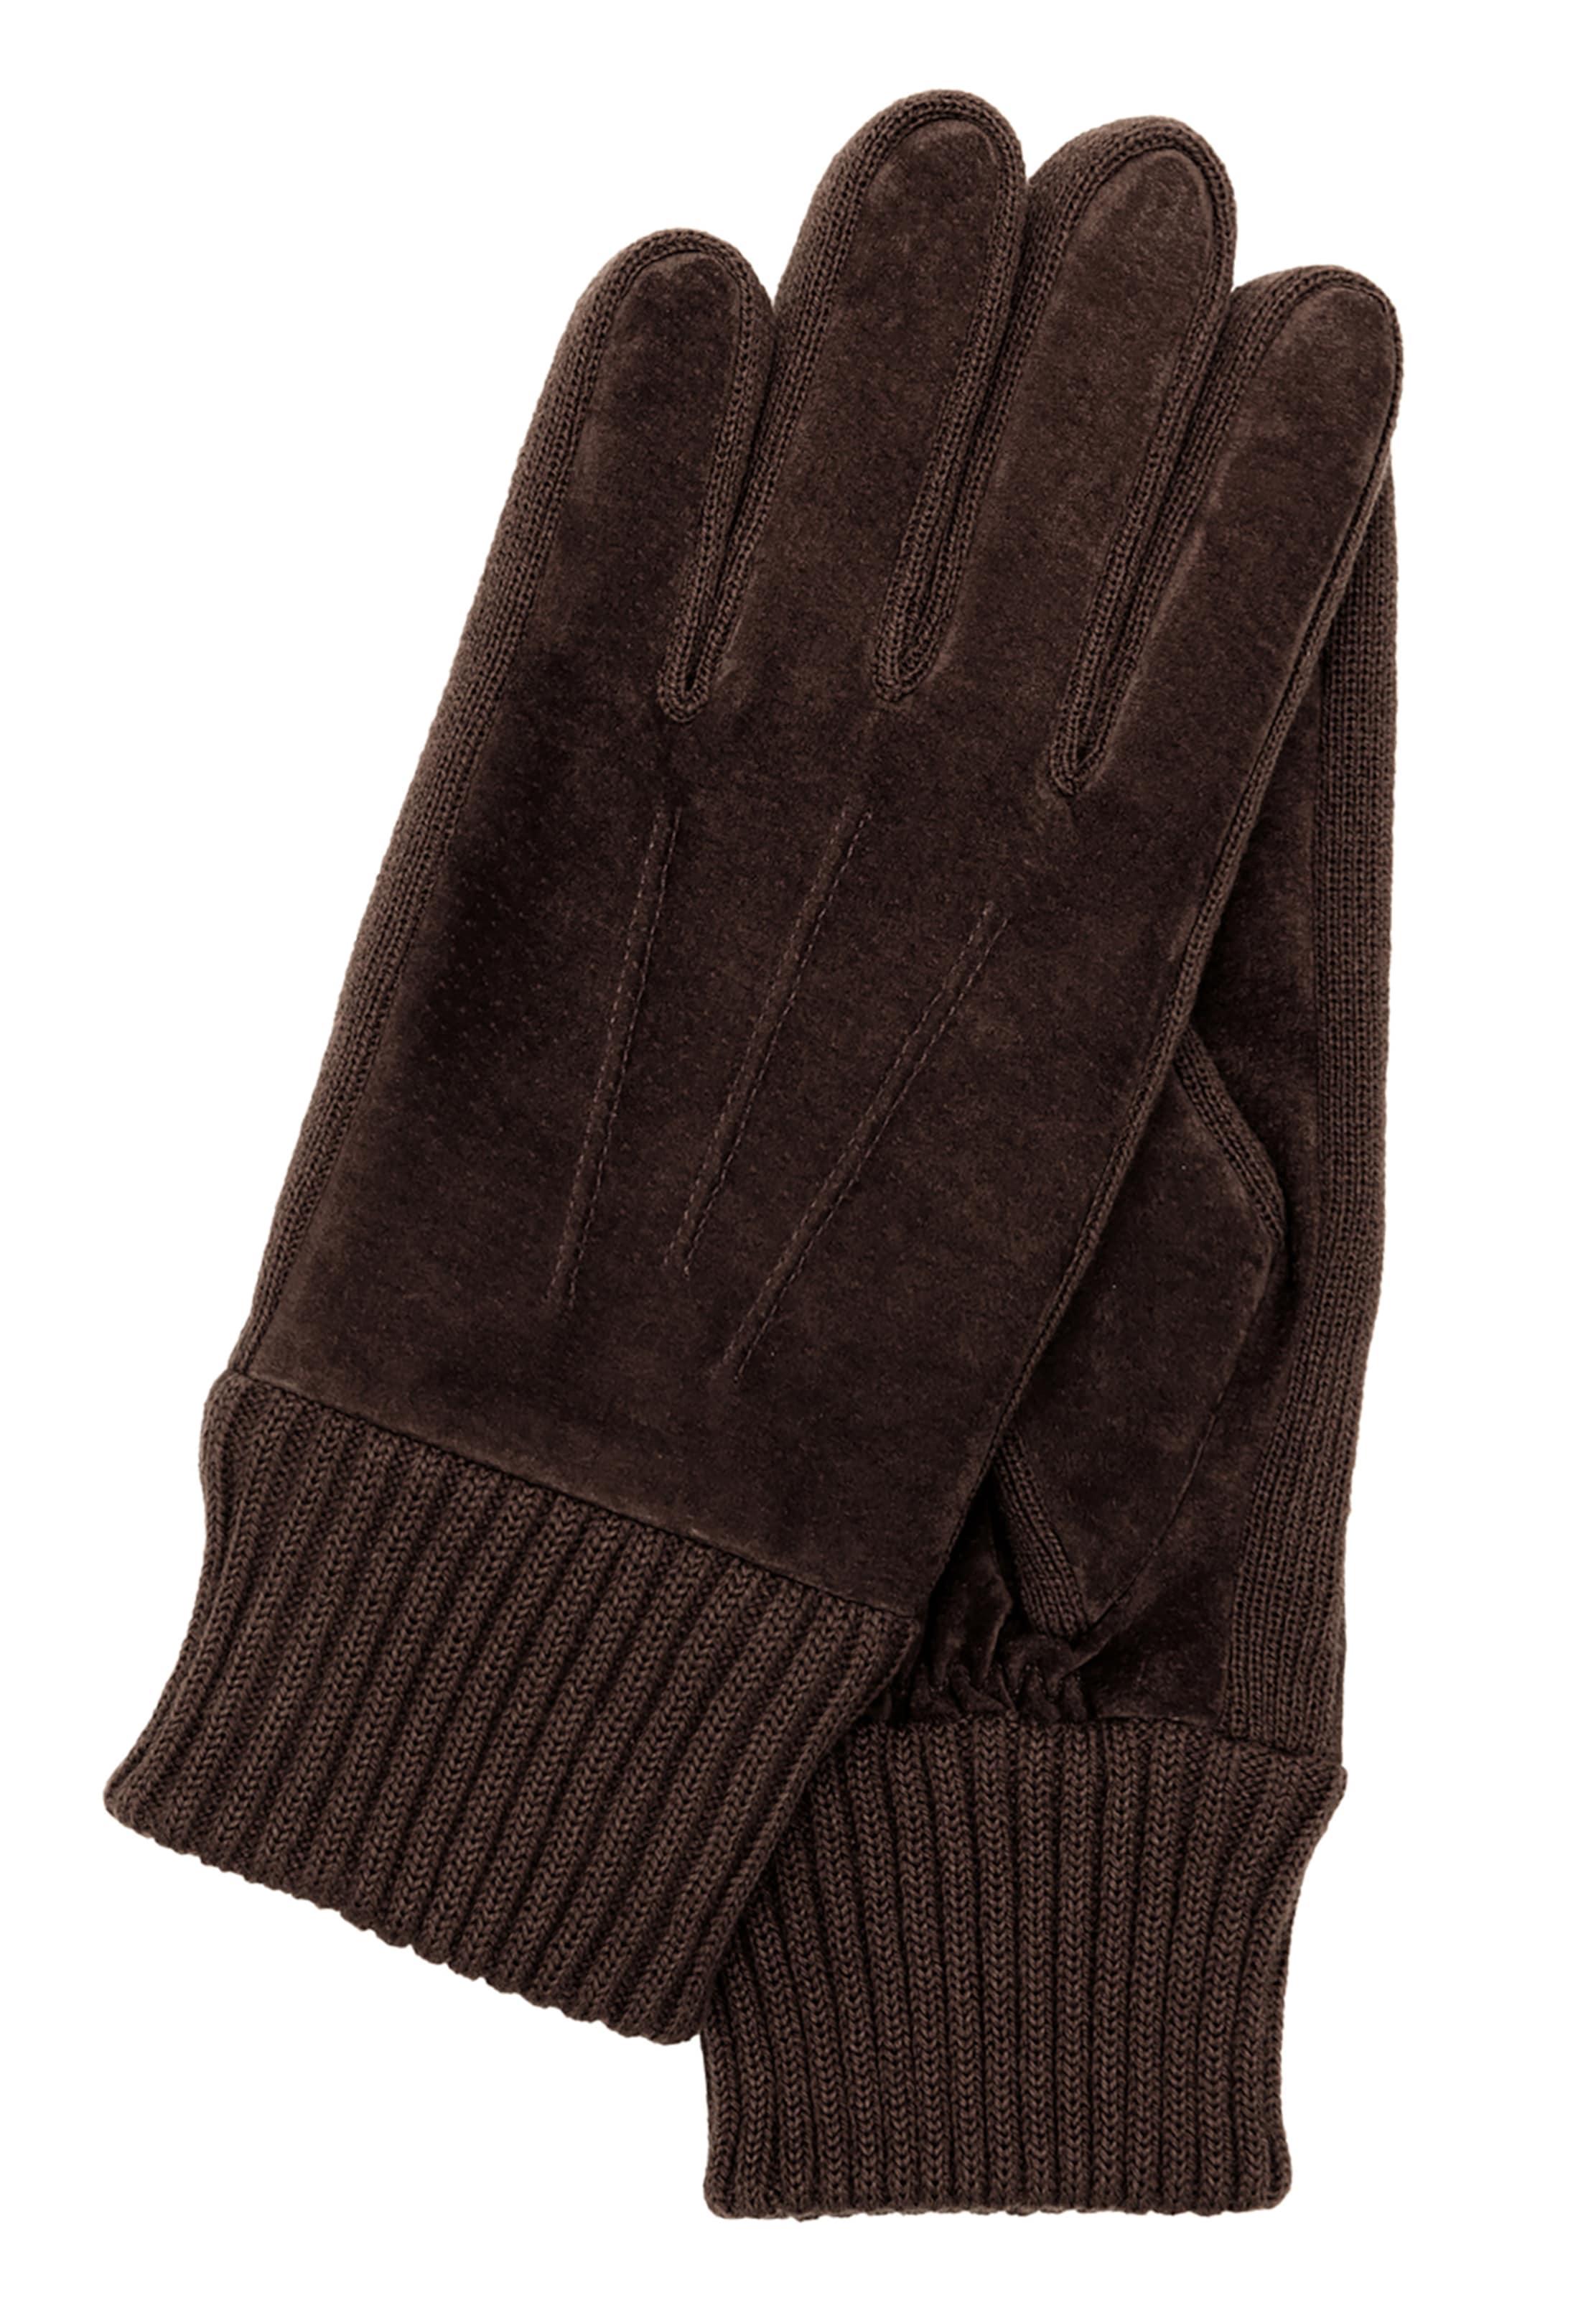 Handschuh In Kessler Handschuh Kessler 'stan' Braun rQoedWCxB